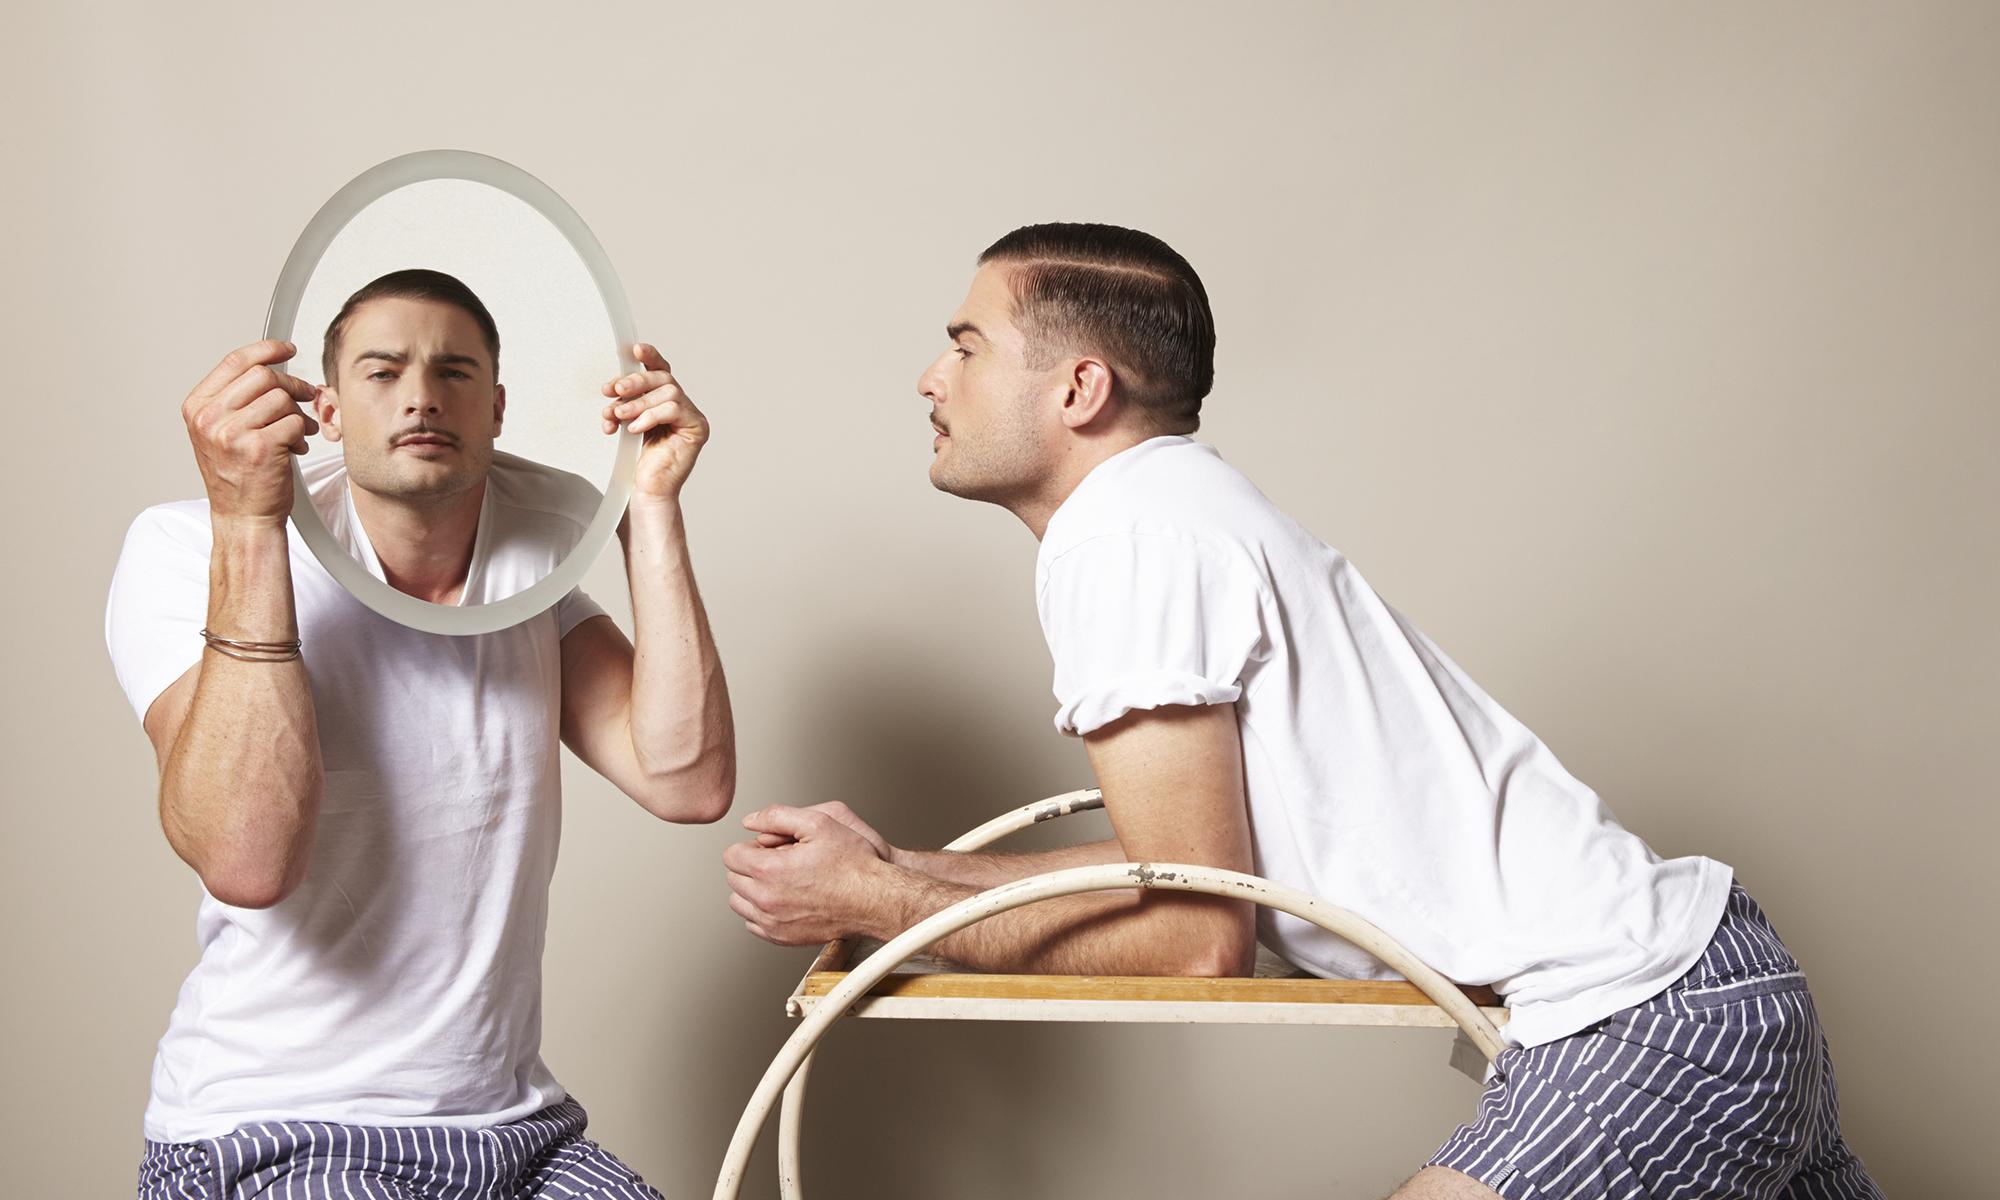 итоге топчет мужика перед зеркалом склонившись мою